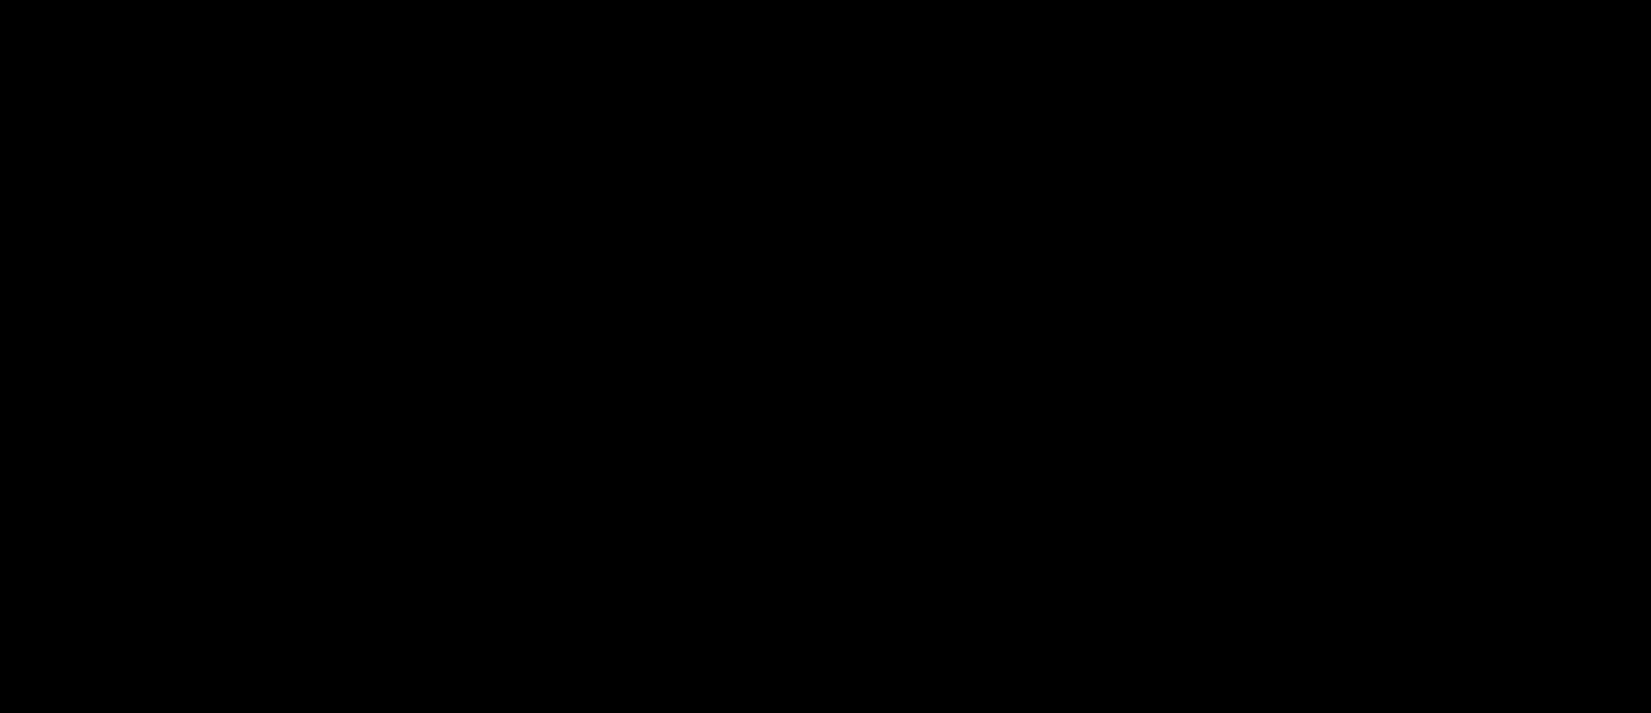 alaska-airlines-logoblack